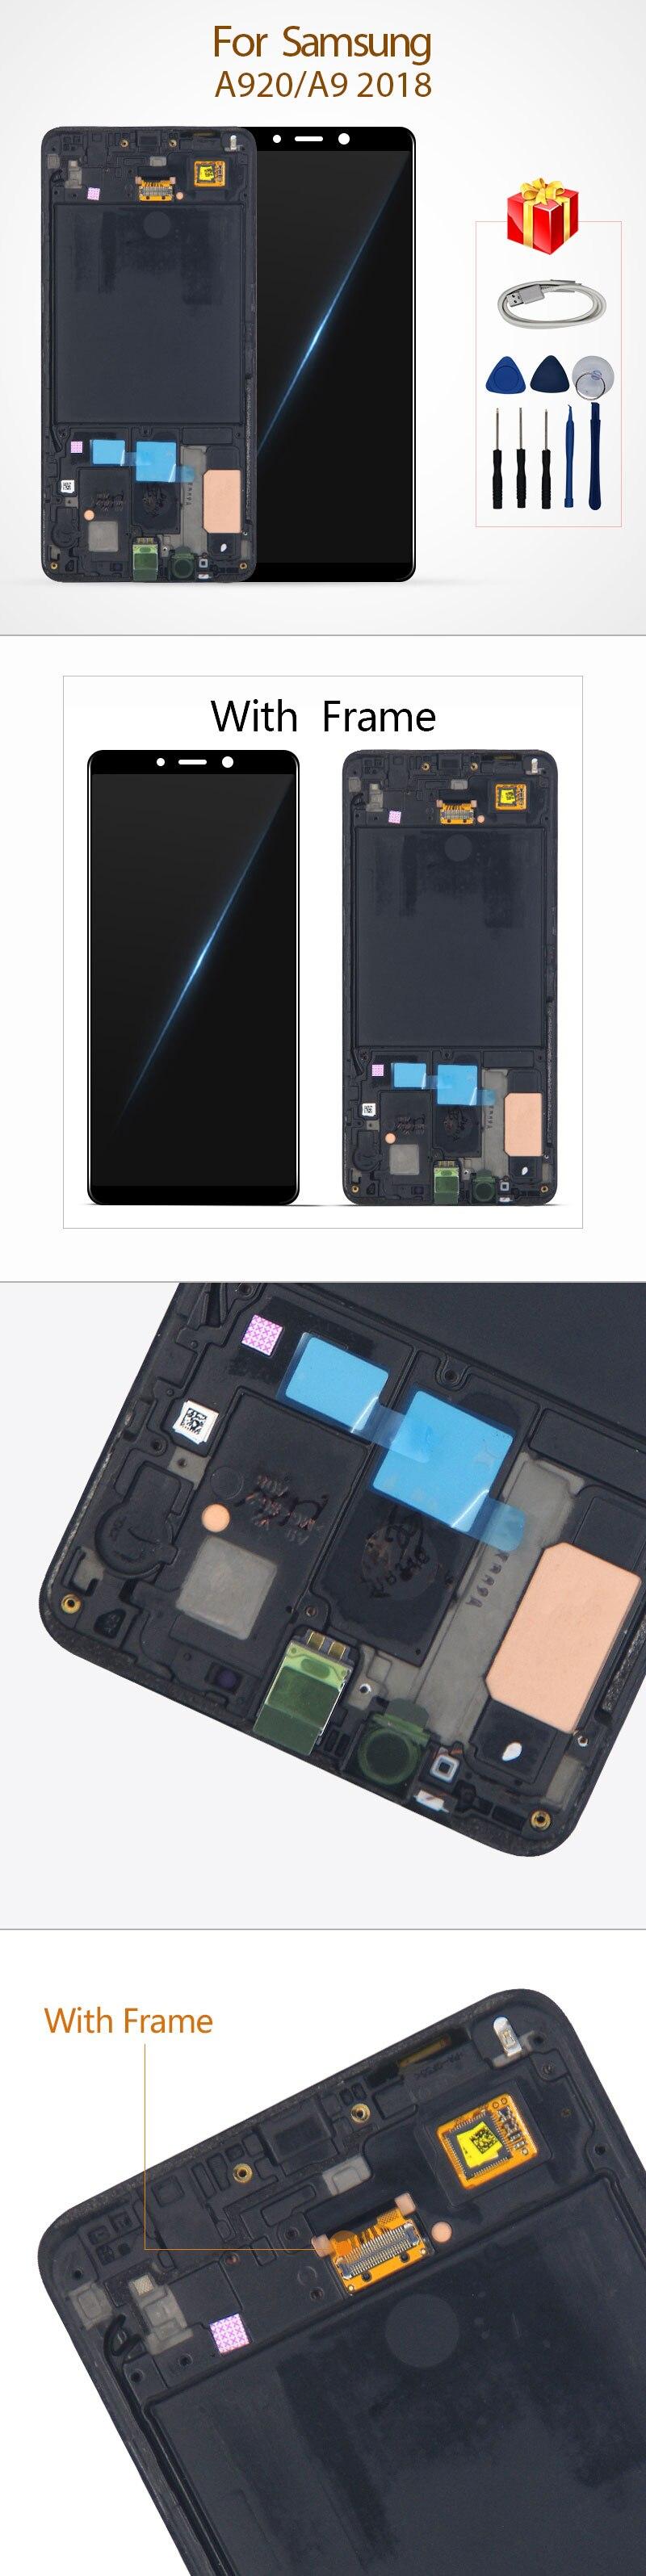 Samsung-A920-A9-2018-详情_01